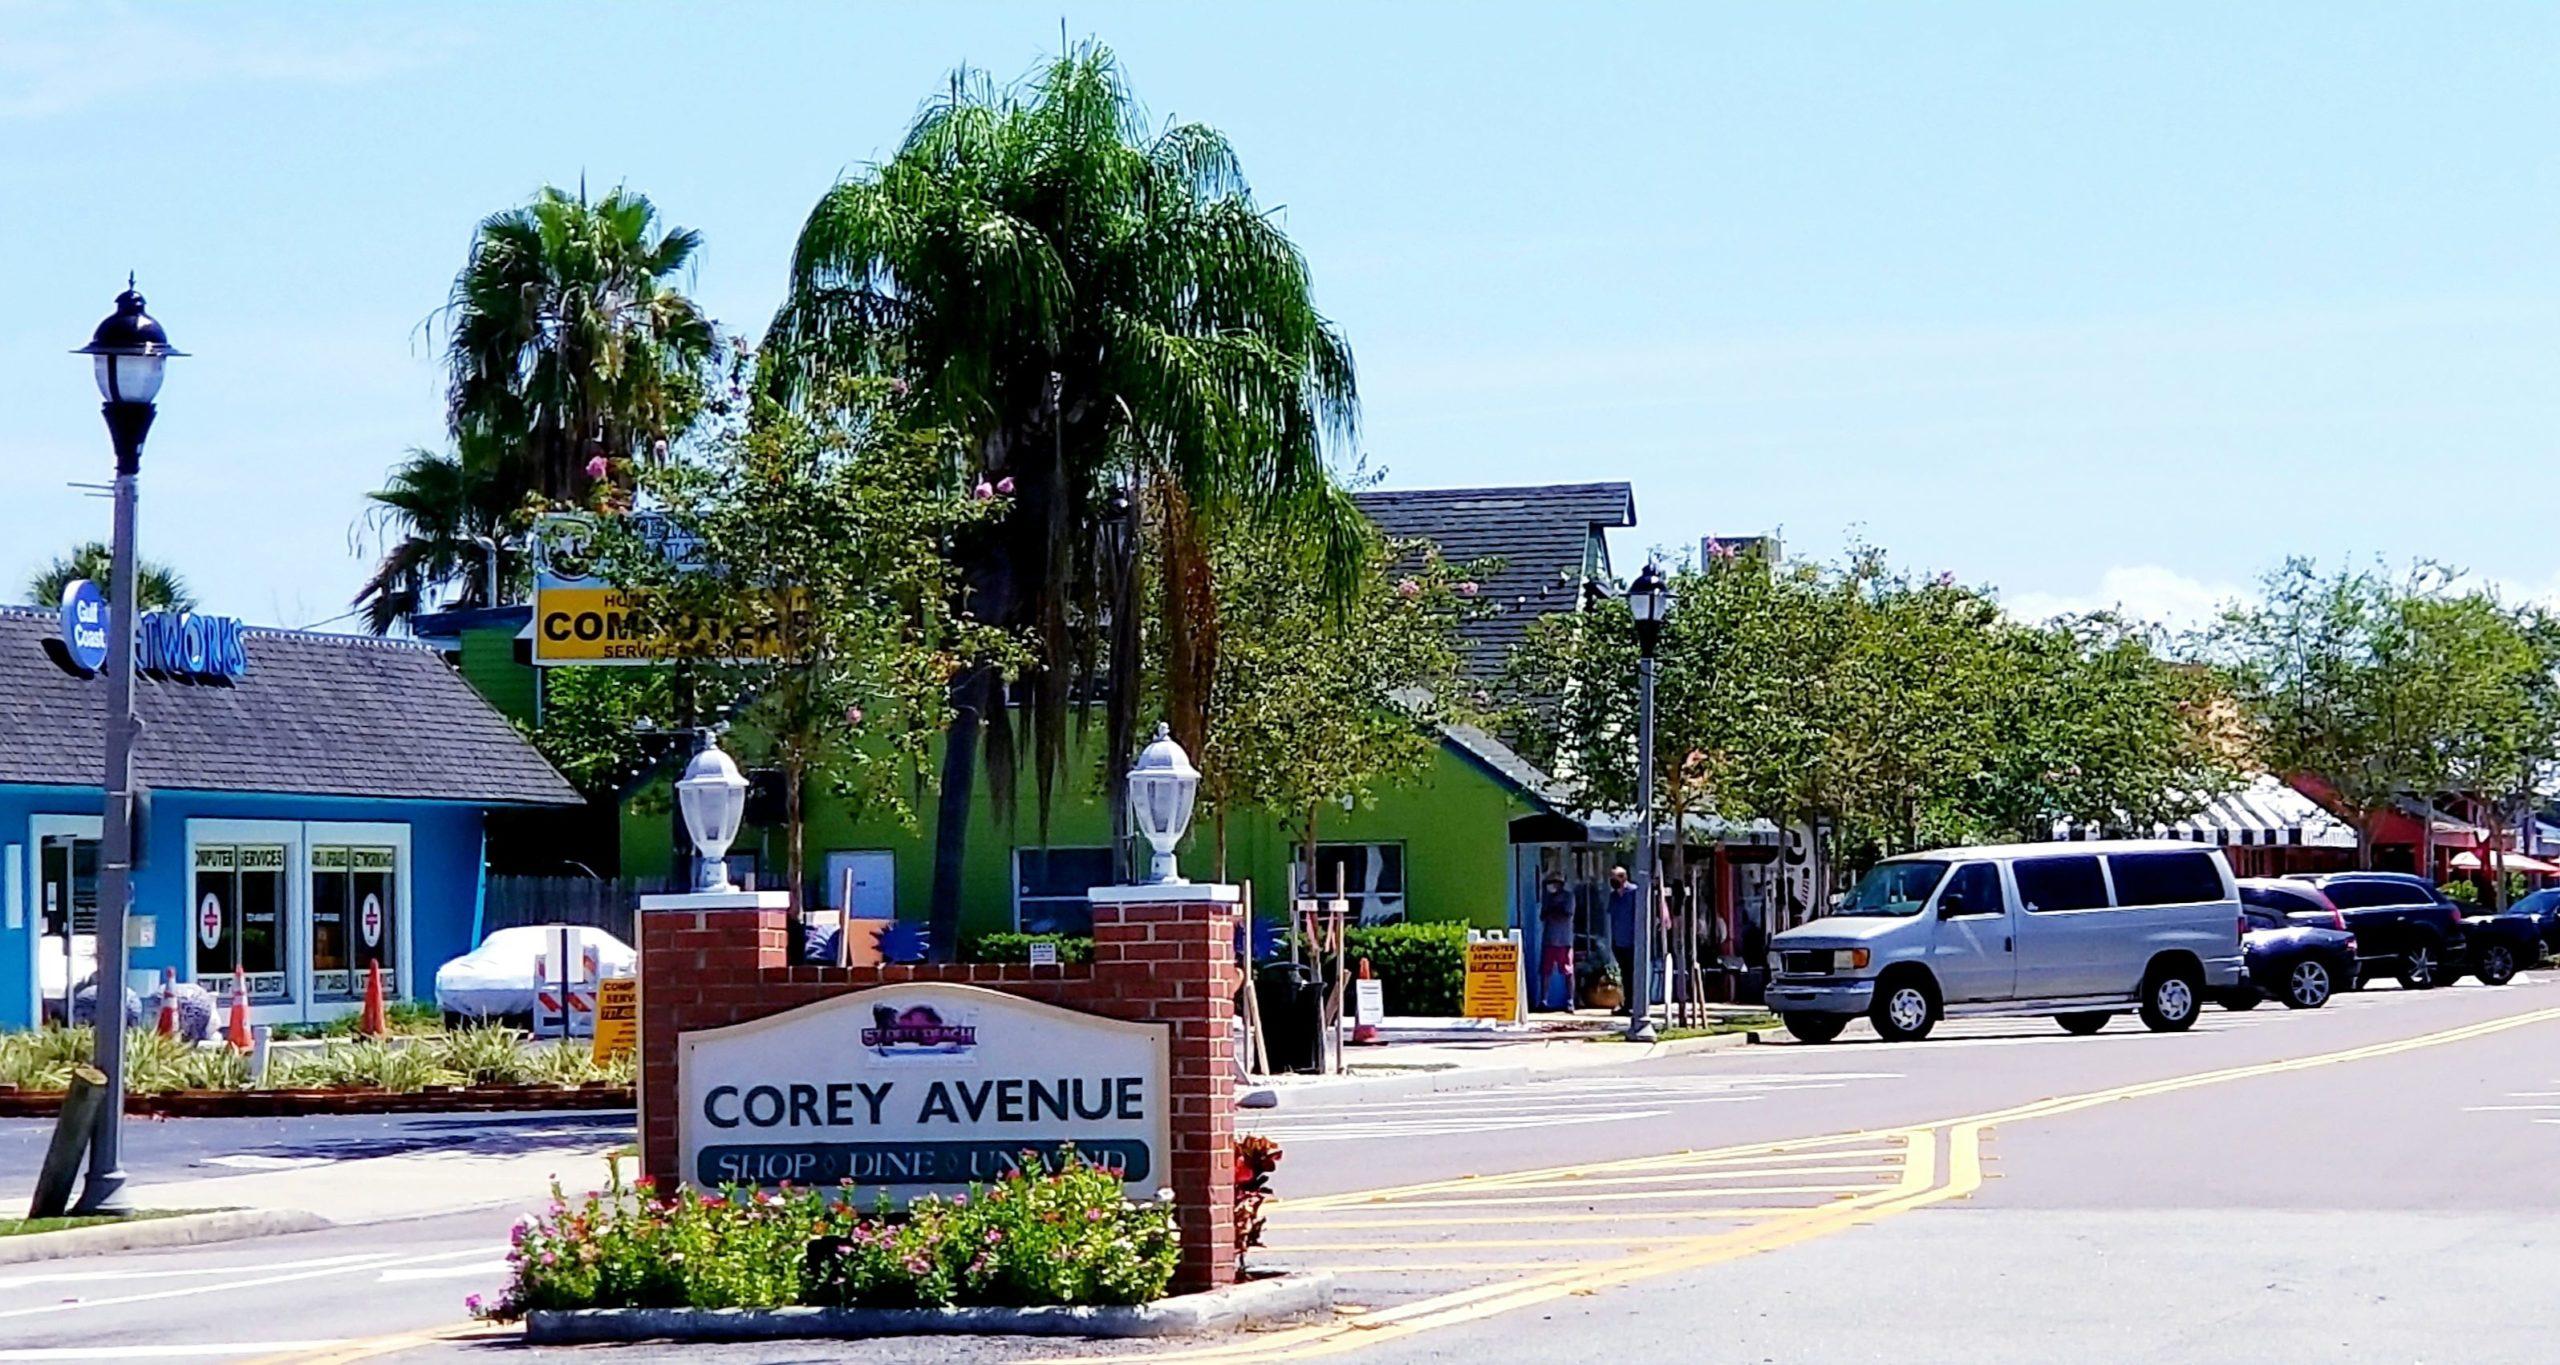 Corey Avenue Business District St. Pete Beach Florida